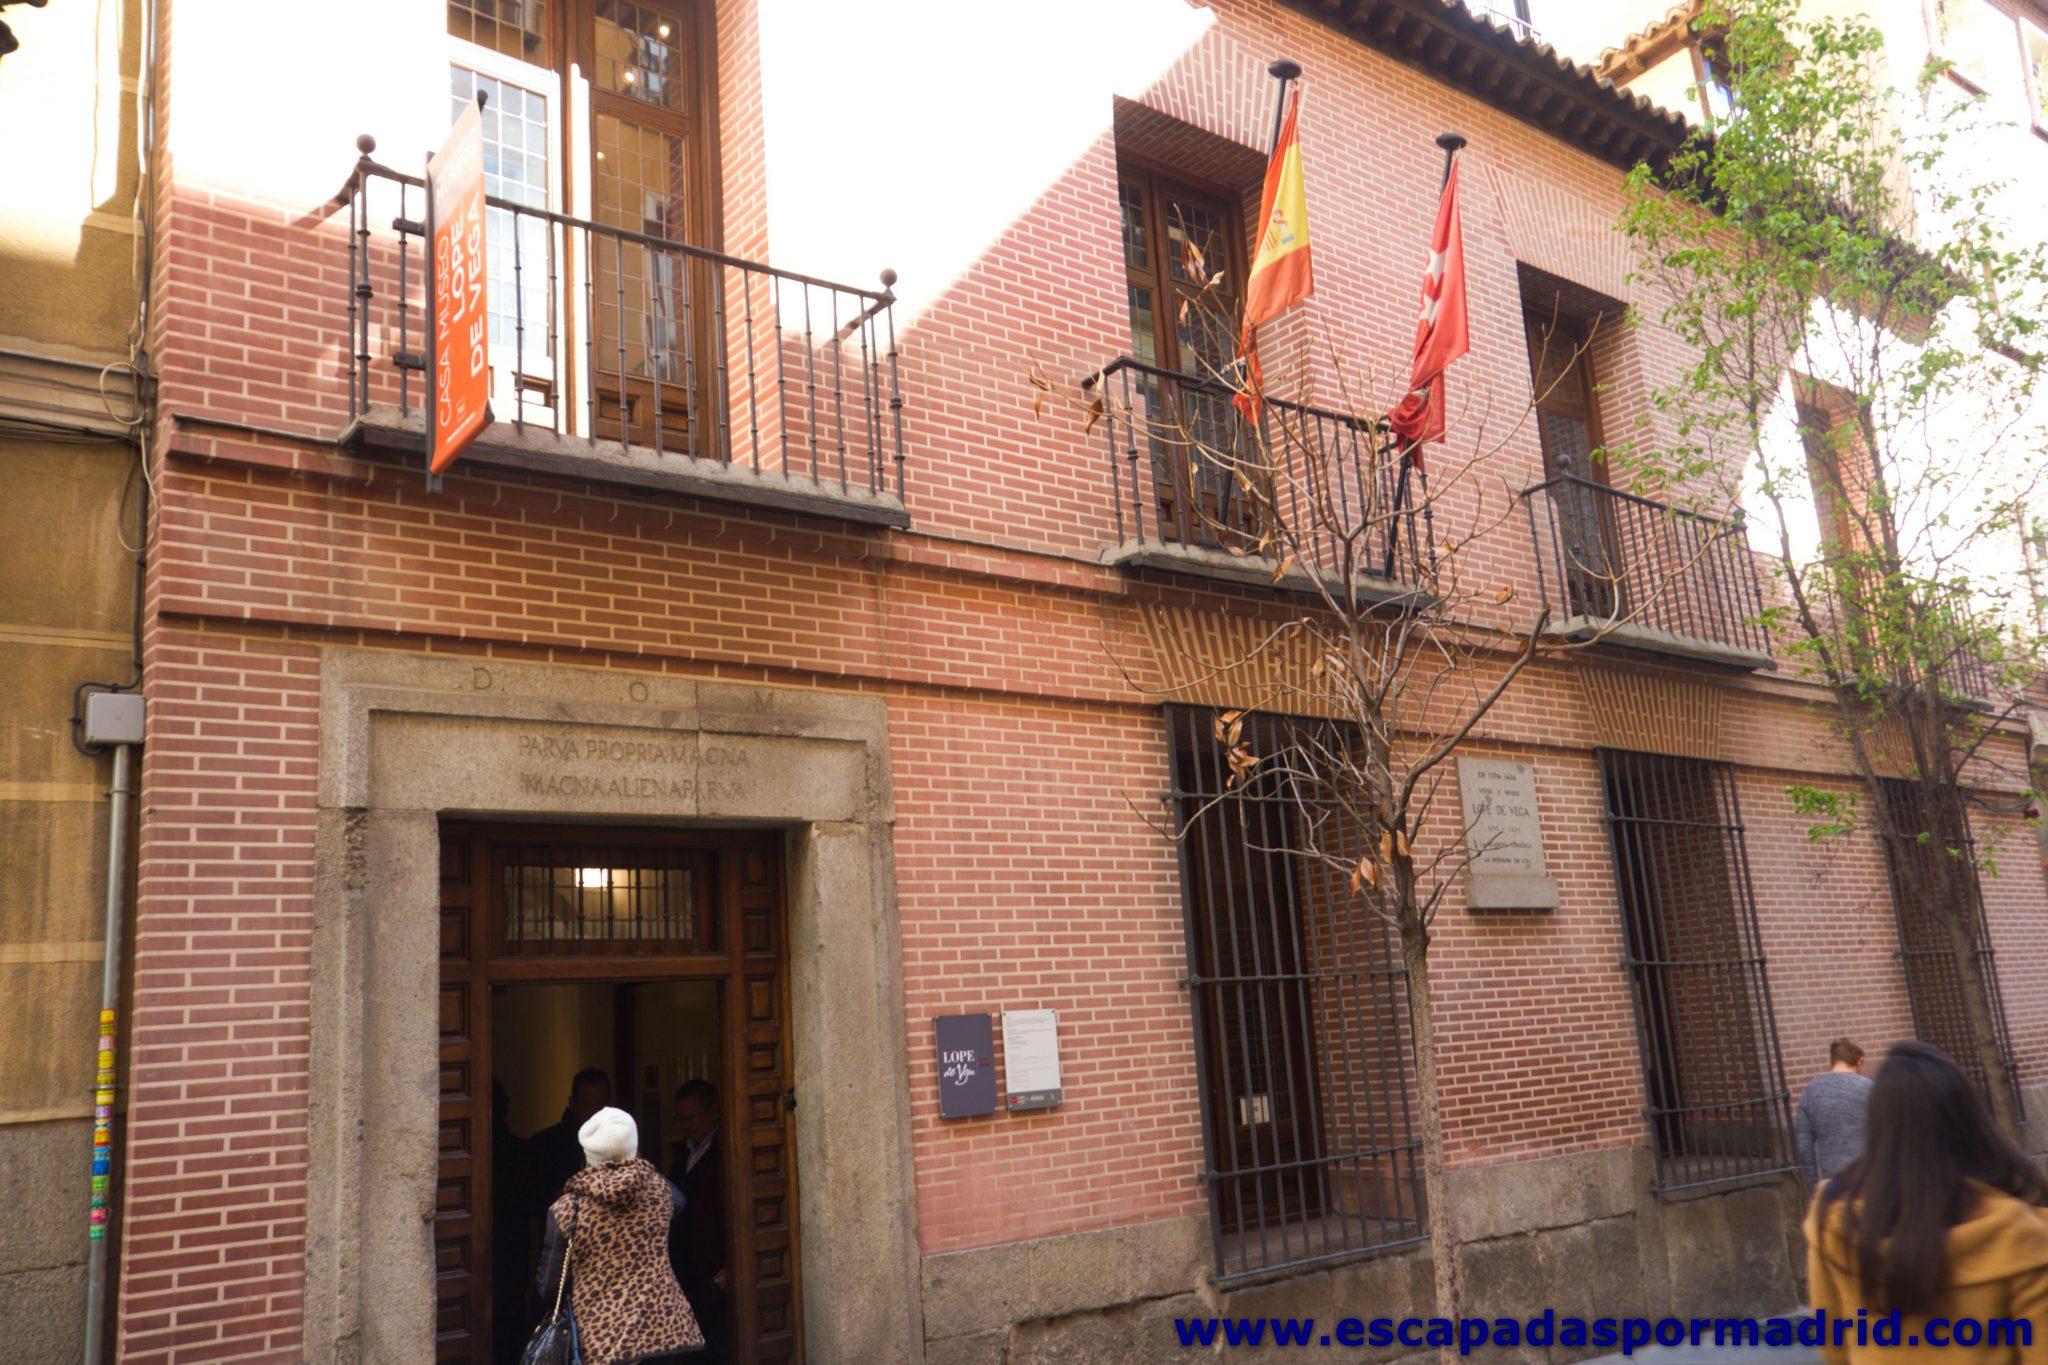 foto de portada Casa Lope de Vega